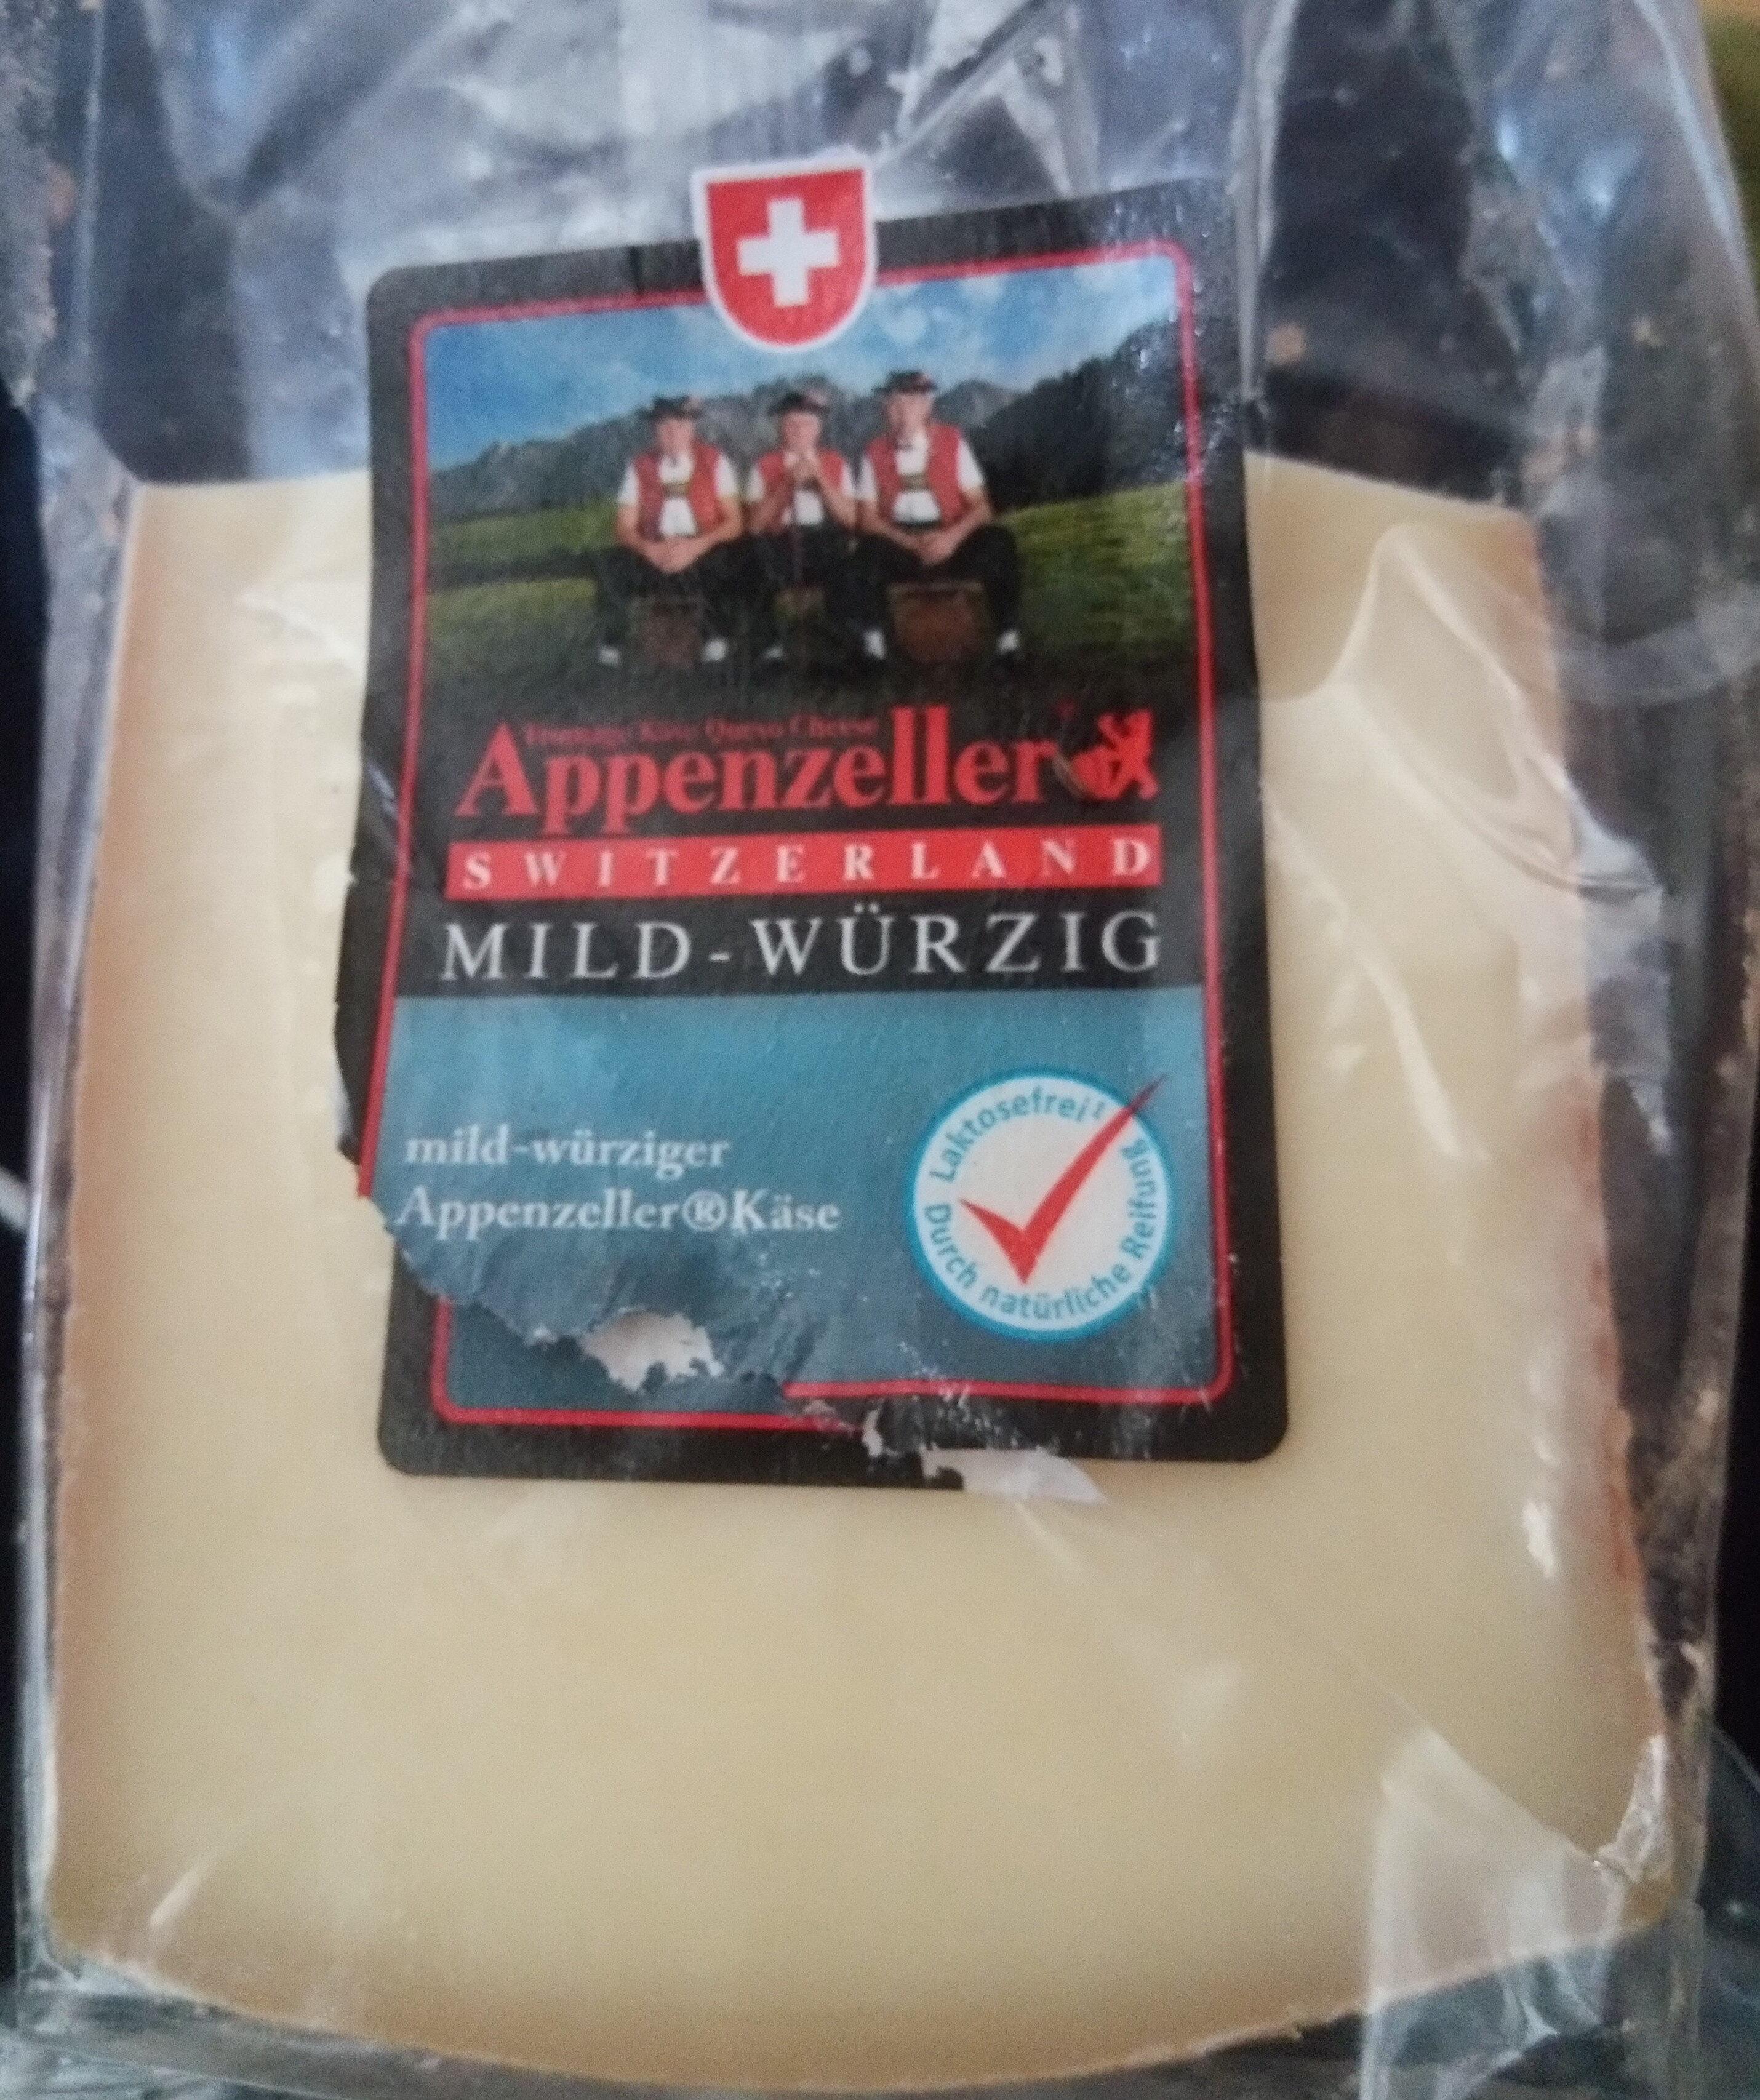 Appenzeller Switzerland Mild-Würzig - Produkt